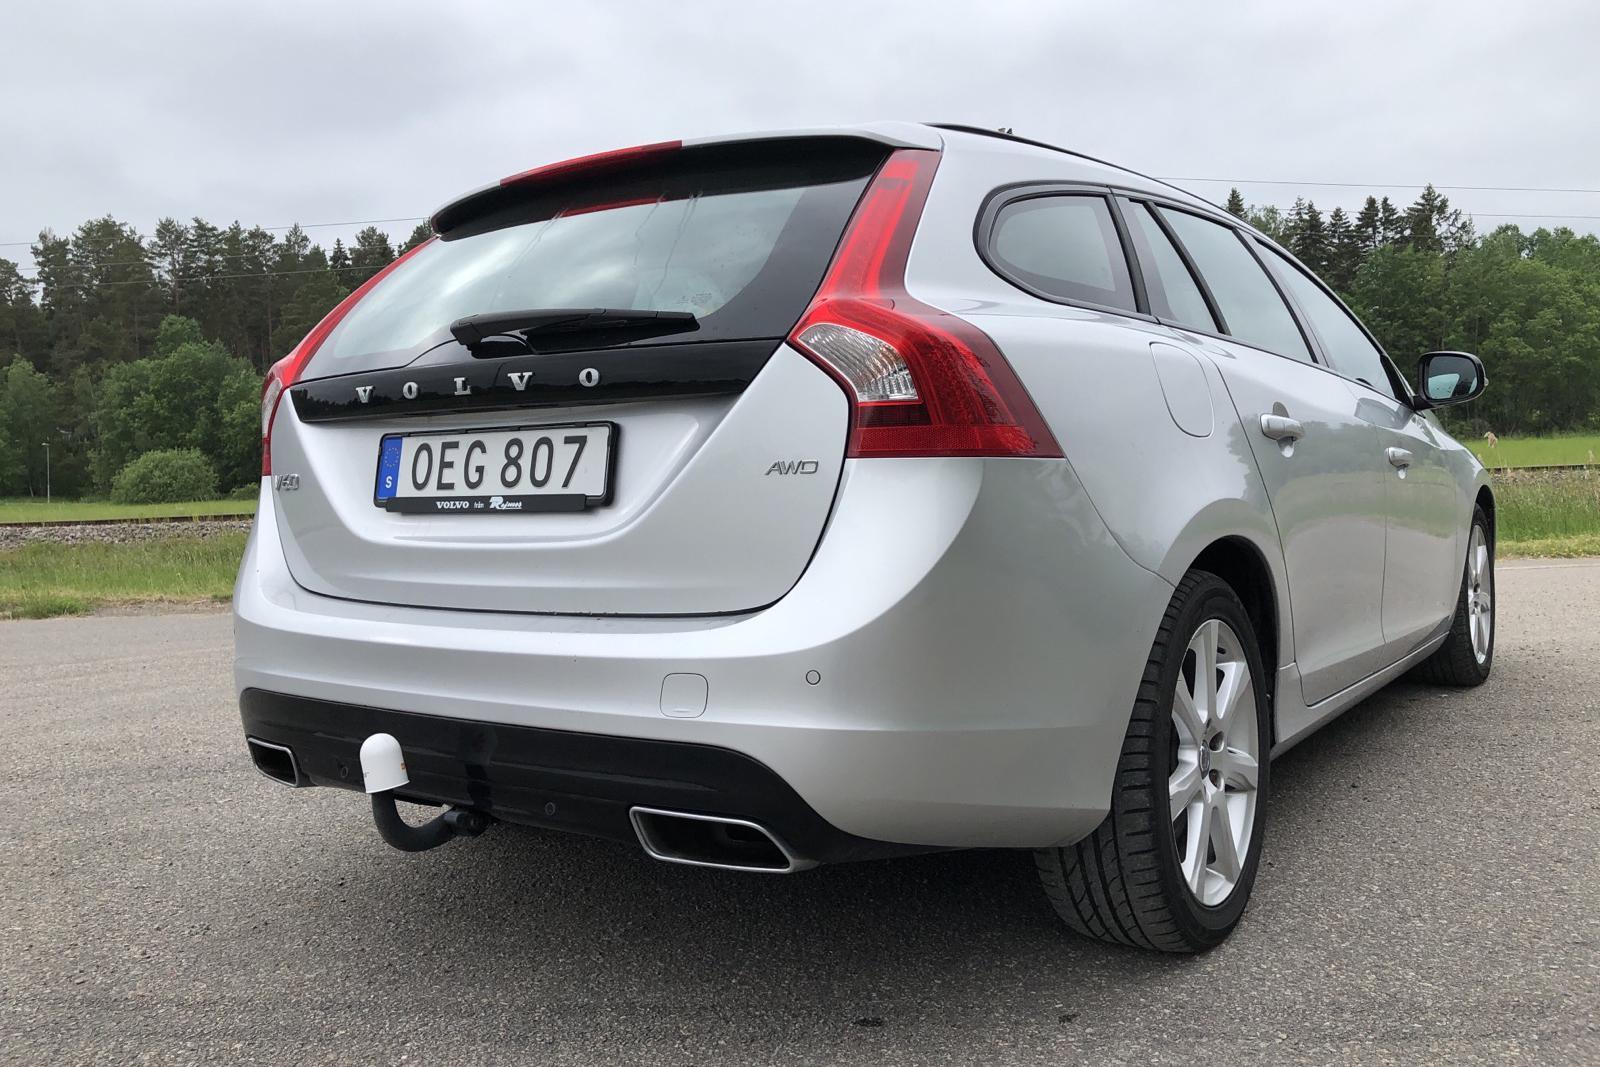 Volvo V60 D4 AWD (190hk) - 122 300 km - Automatic - silver - 2017